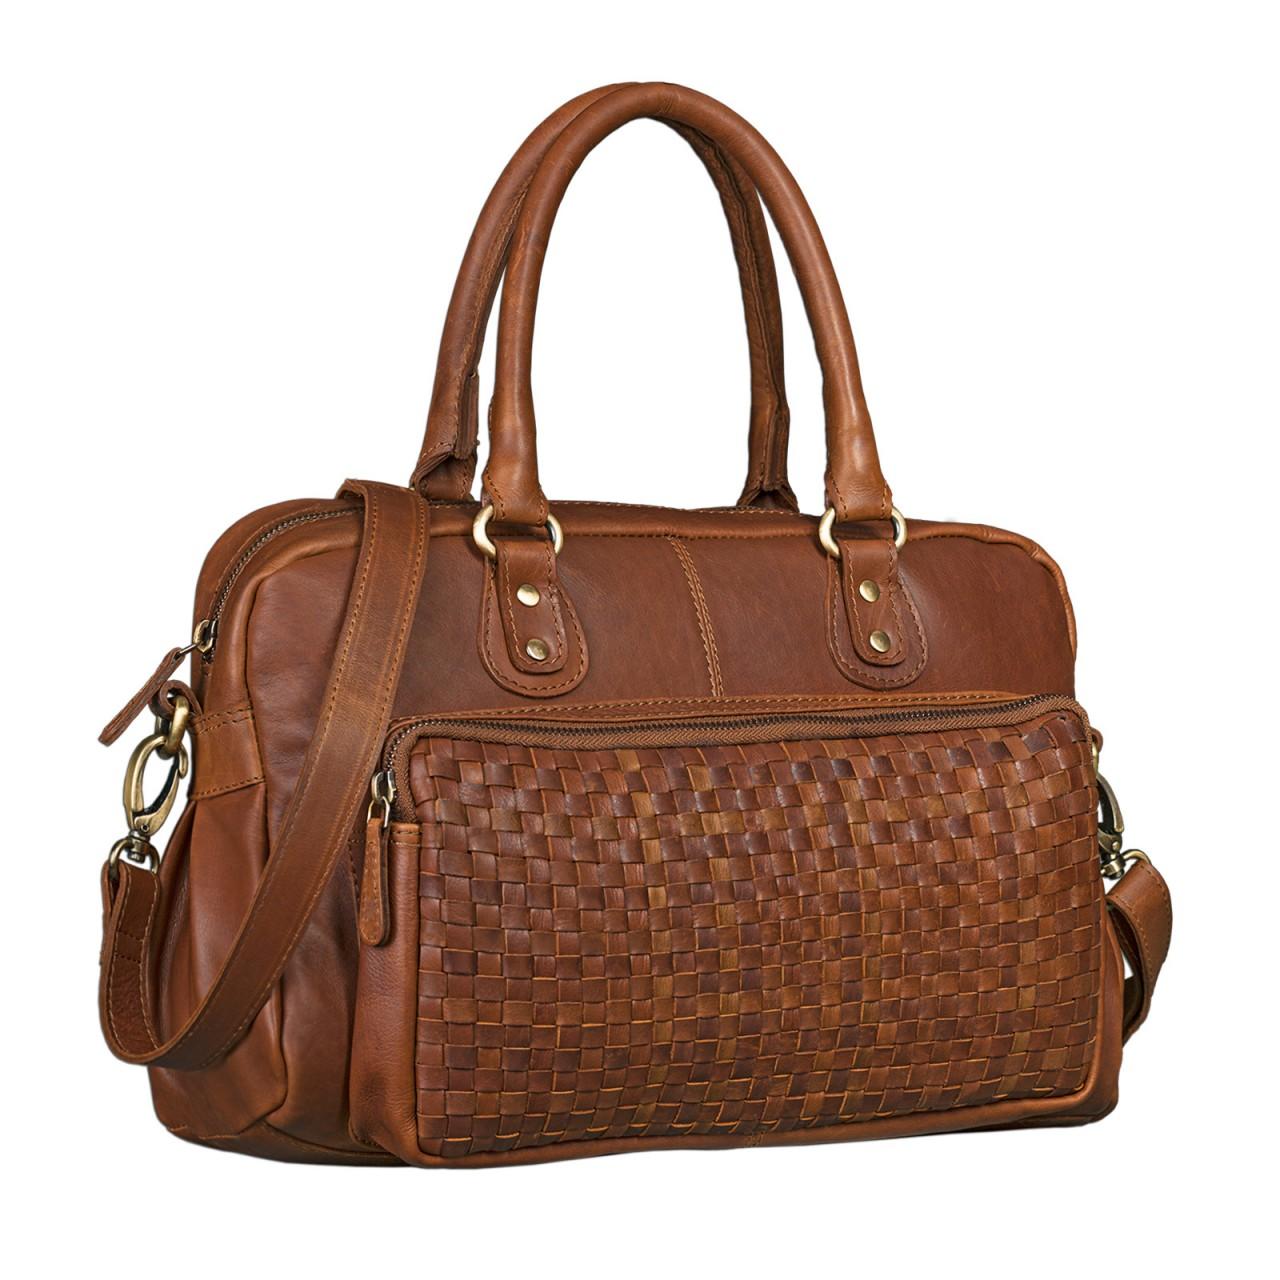 """STILORD """"Elena"""" Vintage Handtasche Damen Umhängetasche geflochten elegante Ledertasche Shopping Ausgehen weiches Leder - Bild 1"""